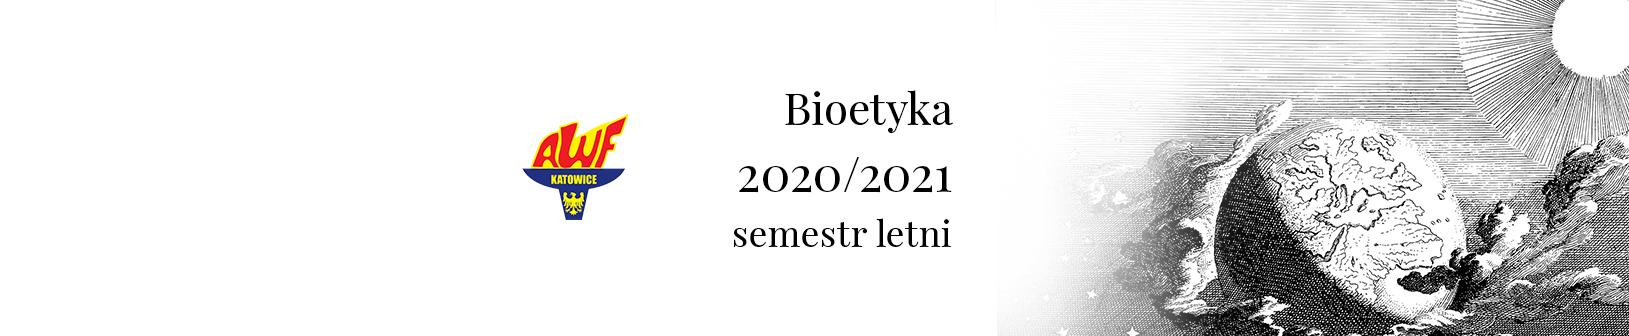 Course Image Bioetyka